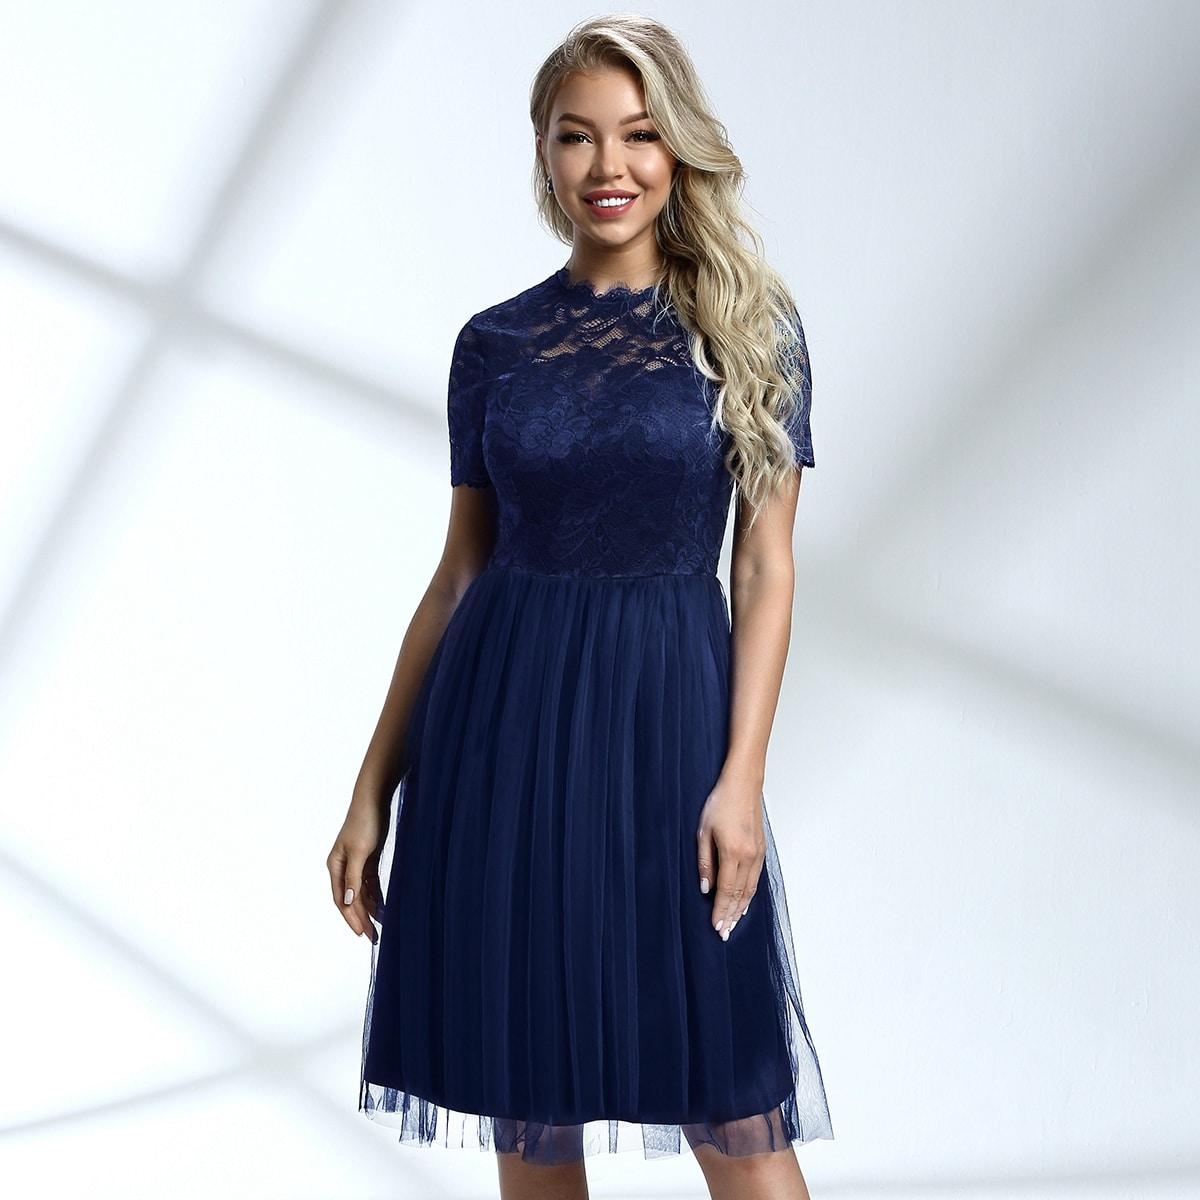 Сетчатое платье с кружевным лифом и молнией сзади